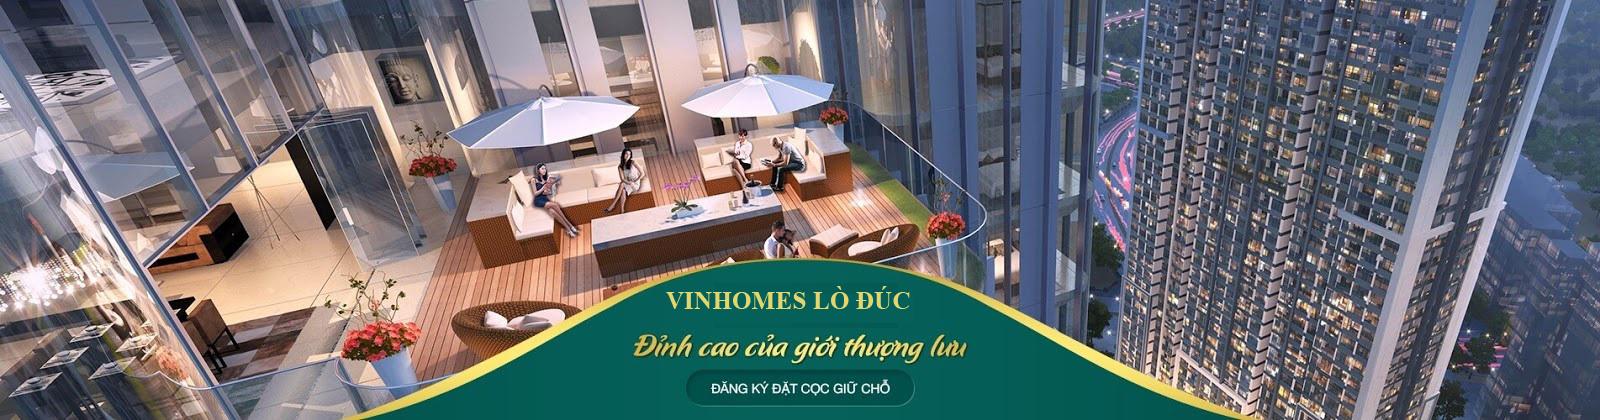 slider_bg_plane_Chung cư Vinhomes Lò Đúc